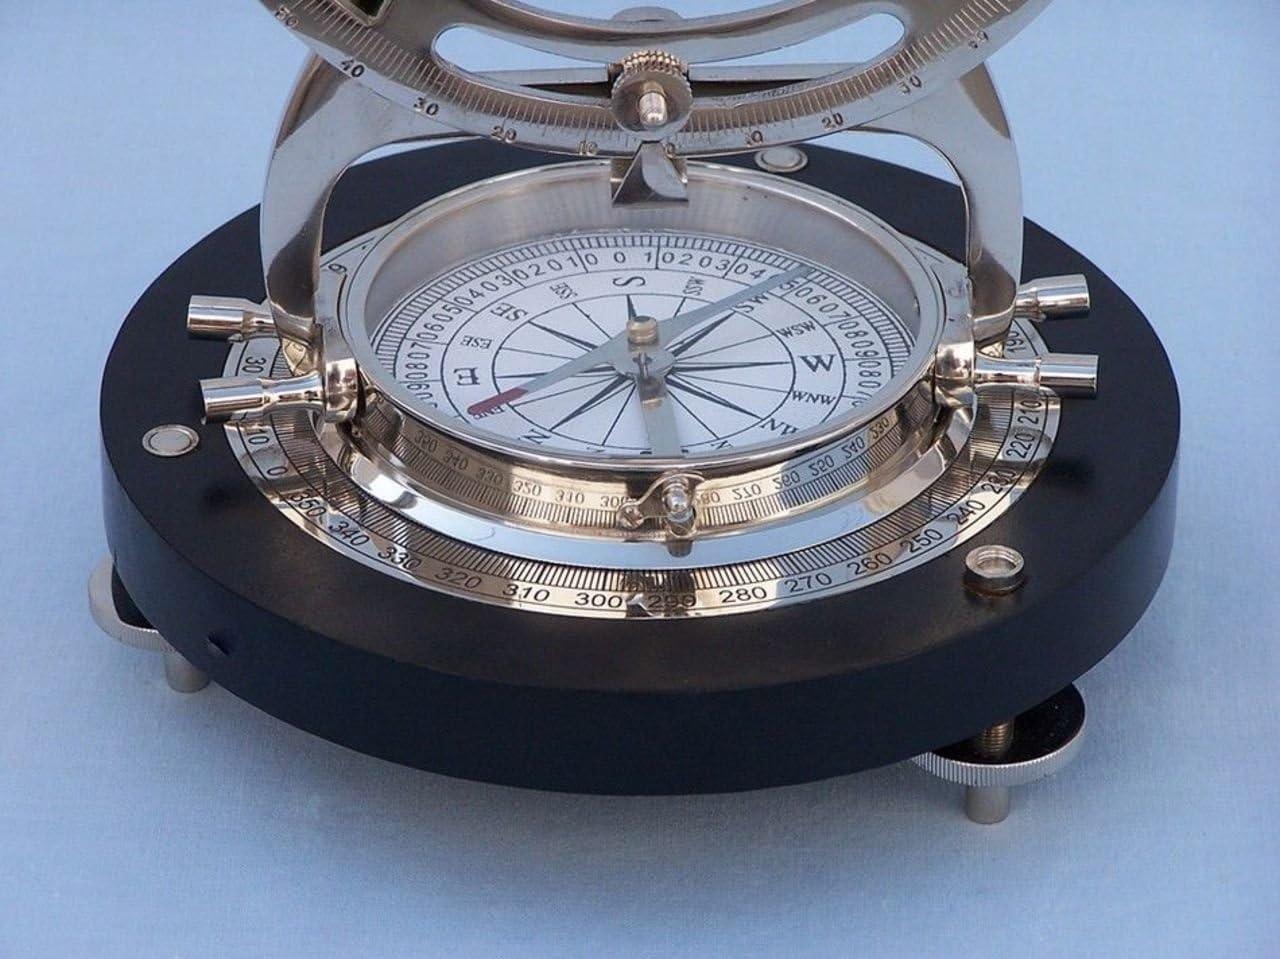 Hampton Nautical LI-1521-CH Chrome Alidade Compass 14 Instrument-Nautical Home Decoration